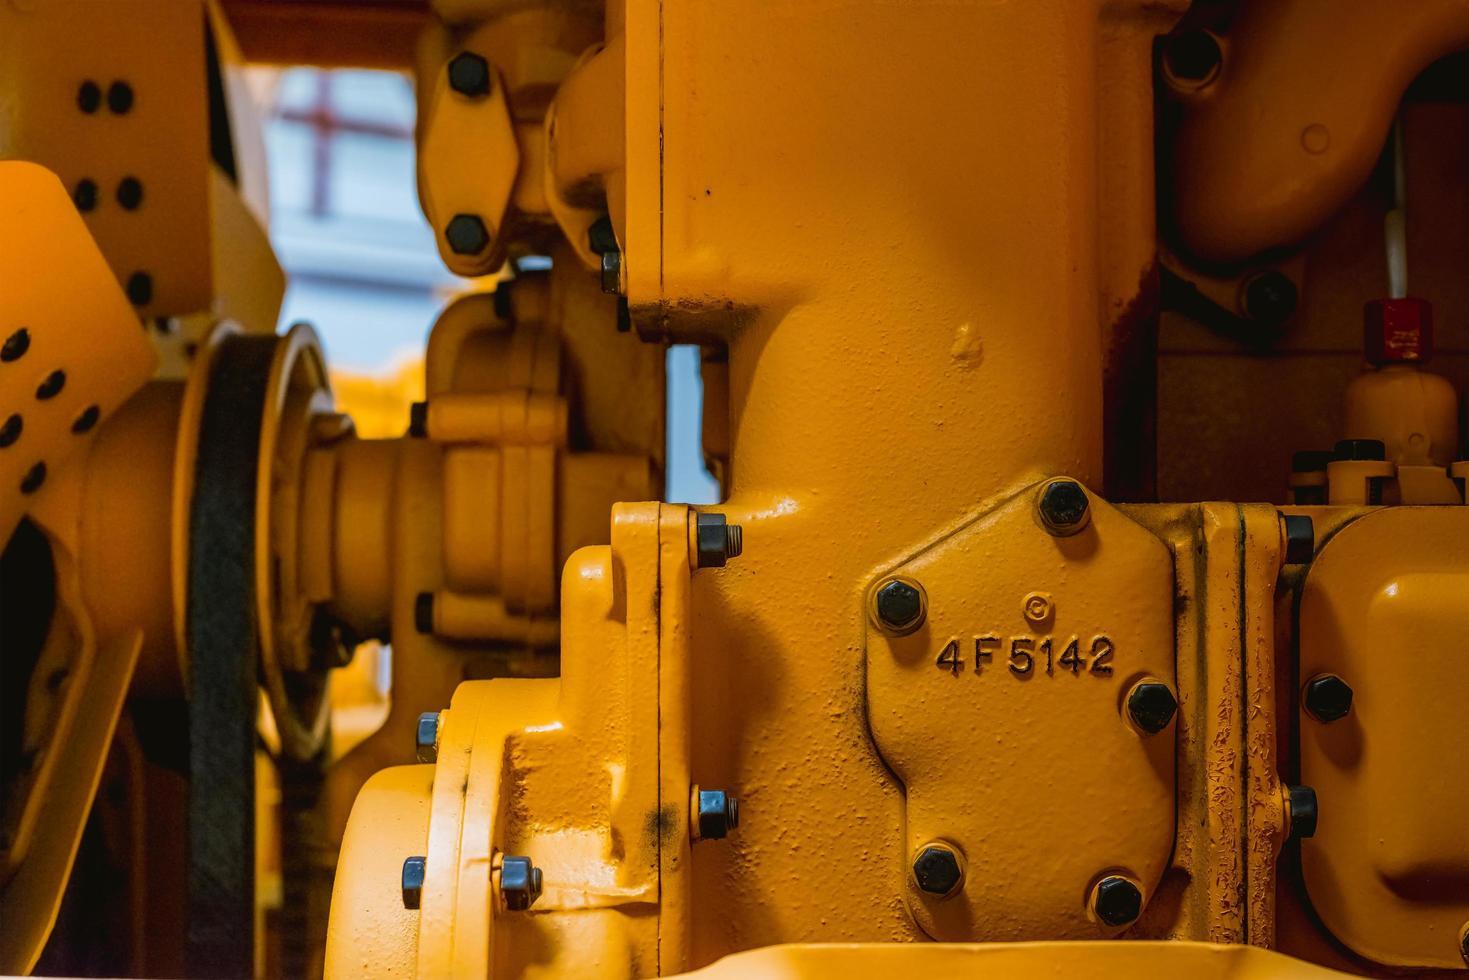 motor de vehículo agrícola foto